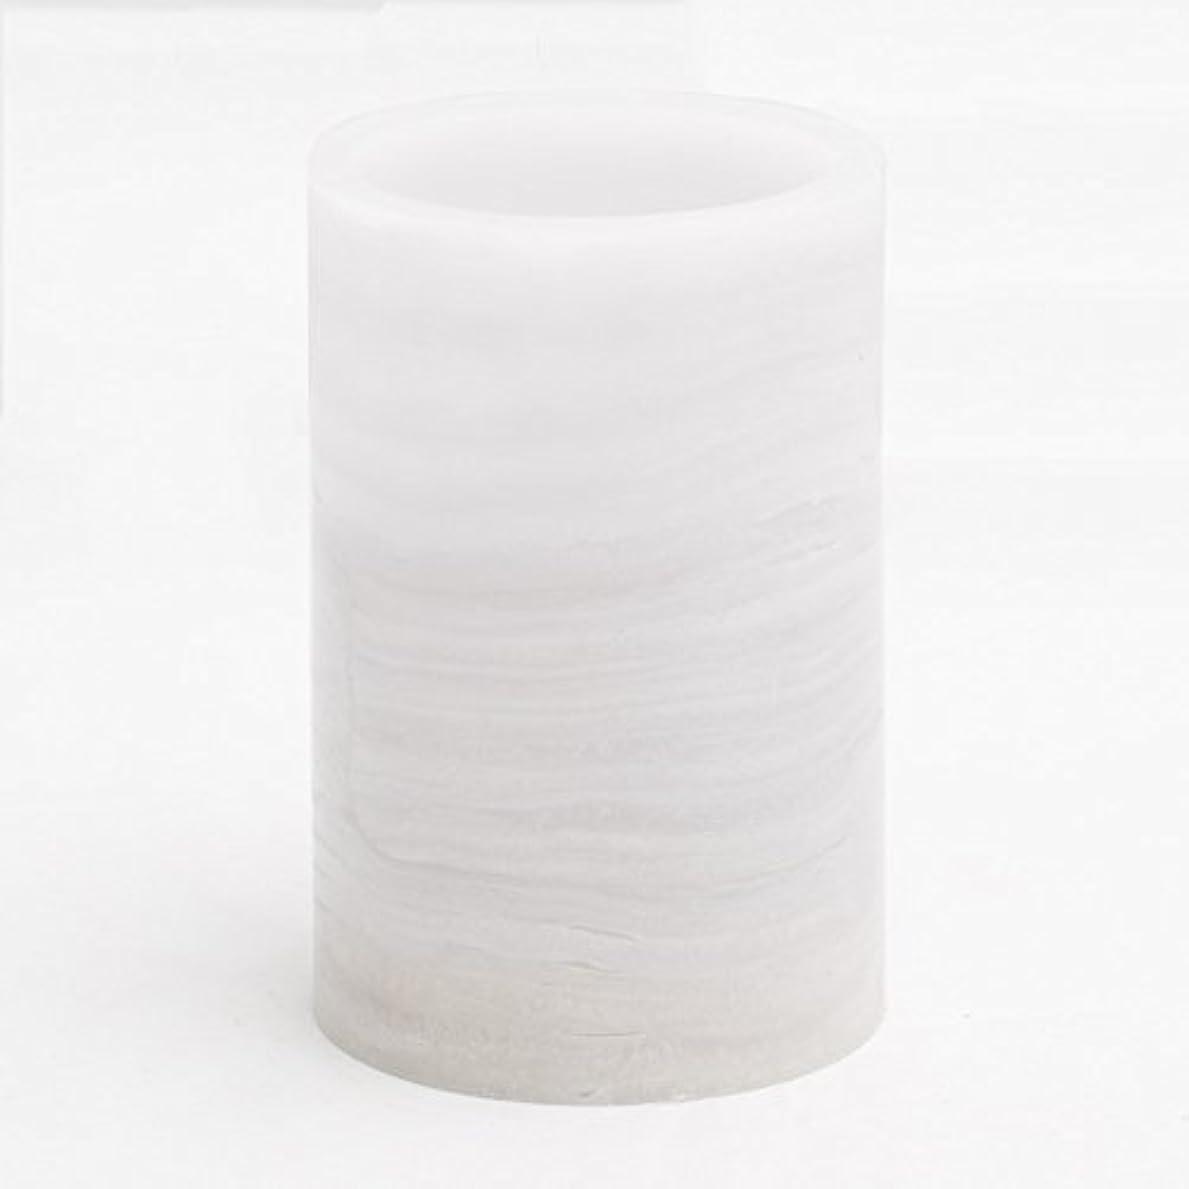 遠洋の磁石ありがたいリッチランドFlameless LED Pillar Candle大理石 M 91010_01